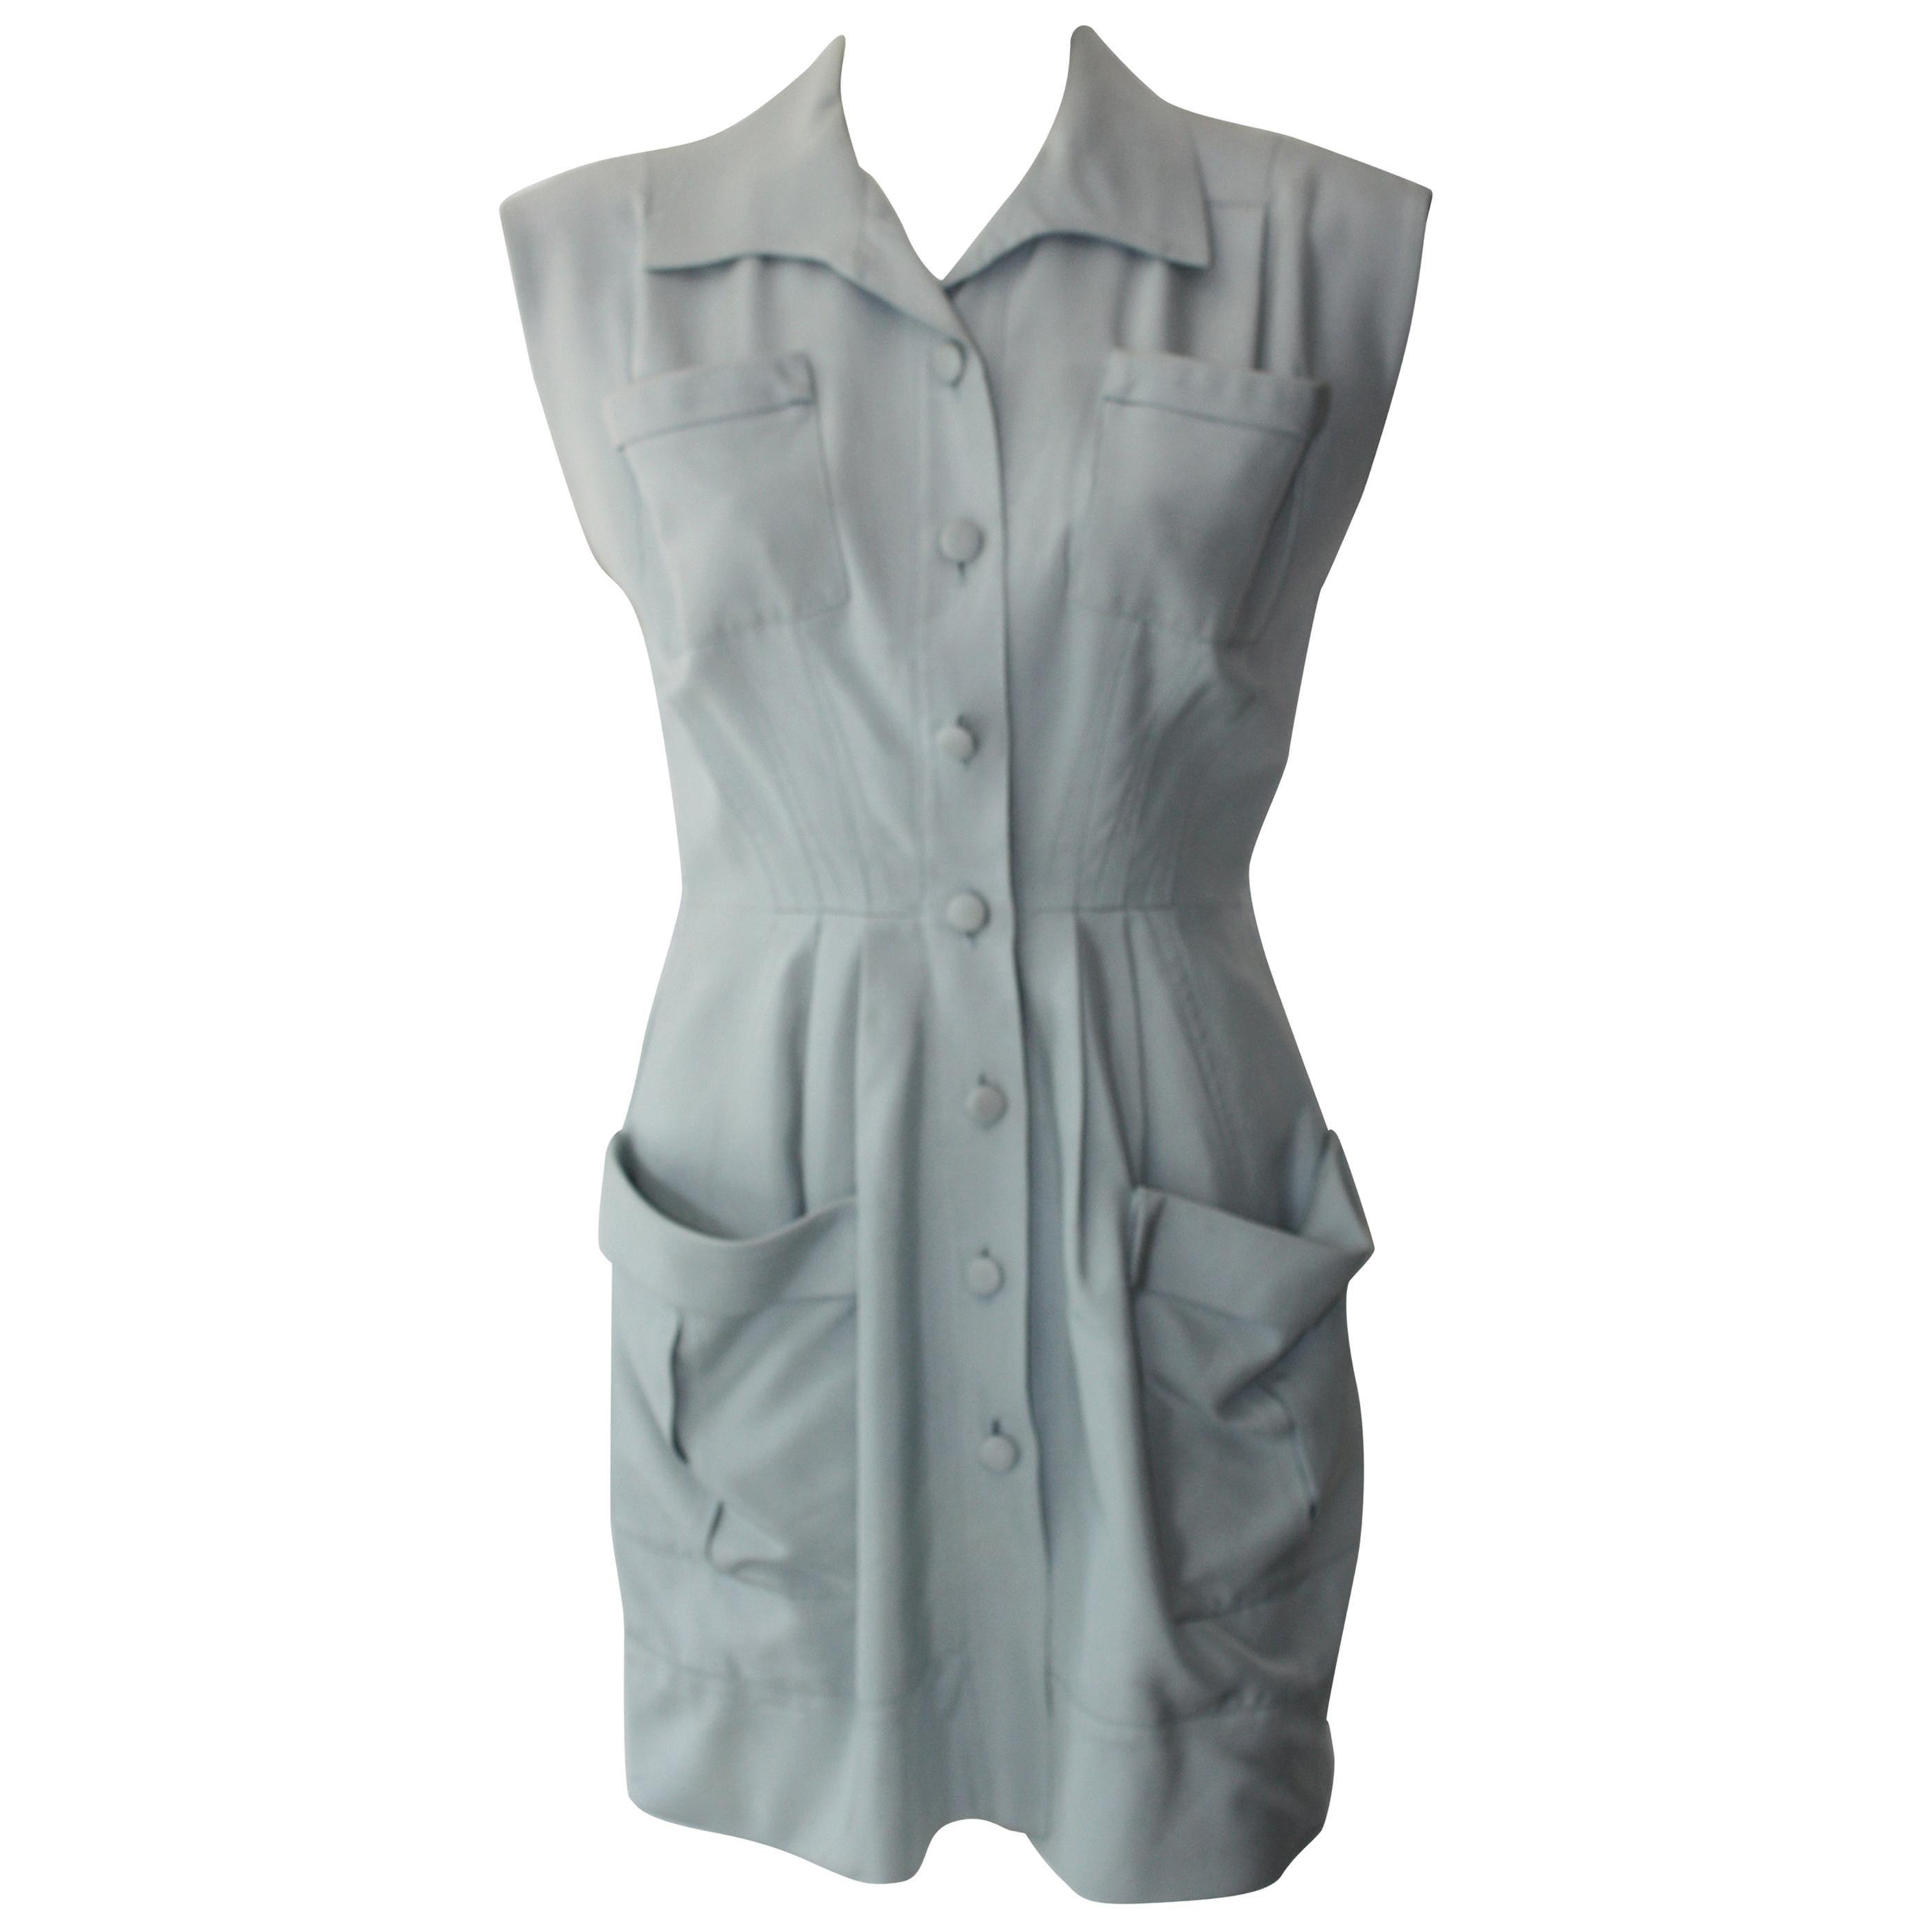 Balenciaga Vintage Dress